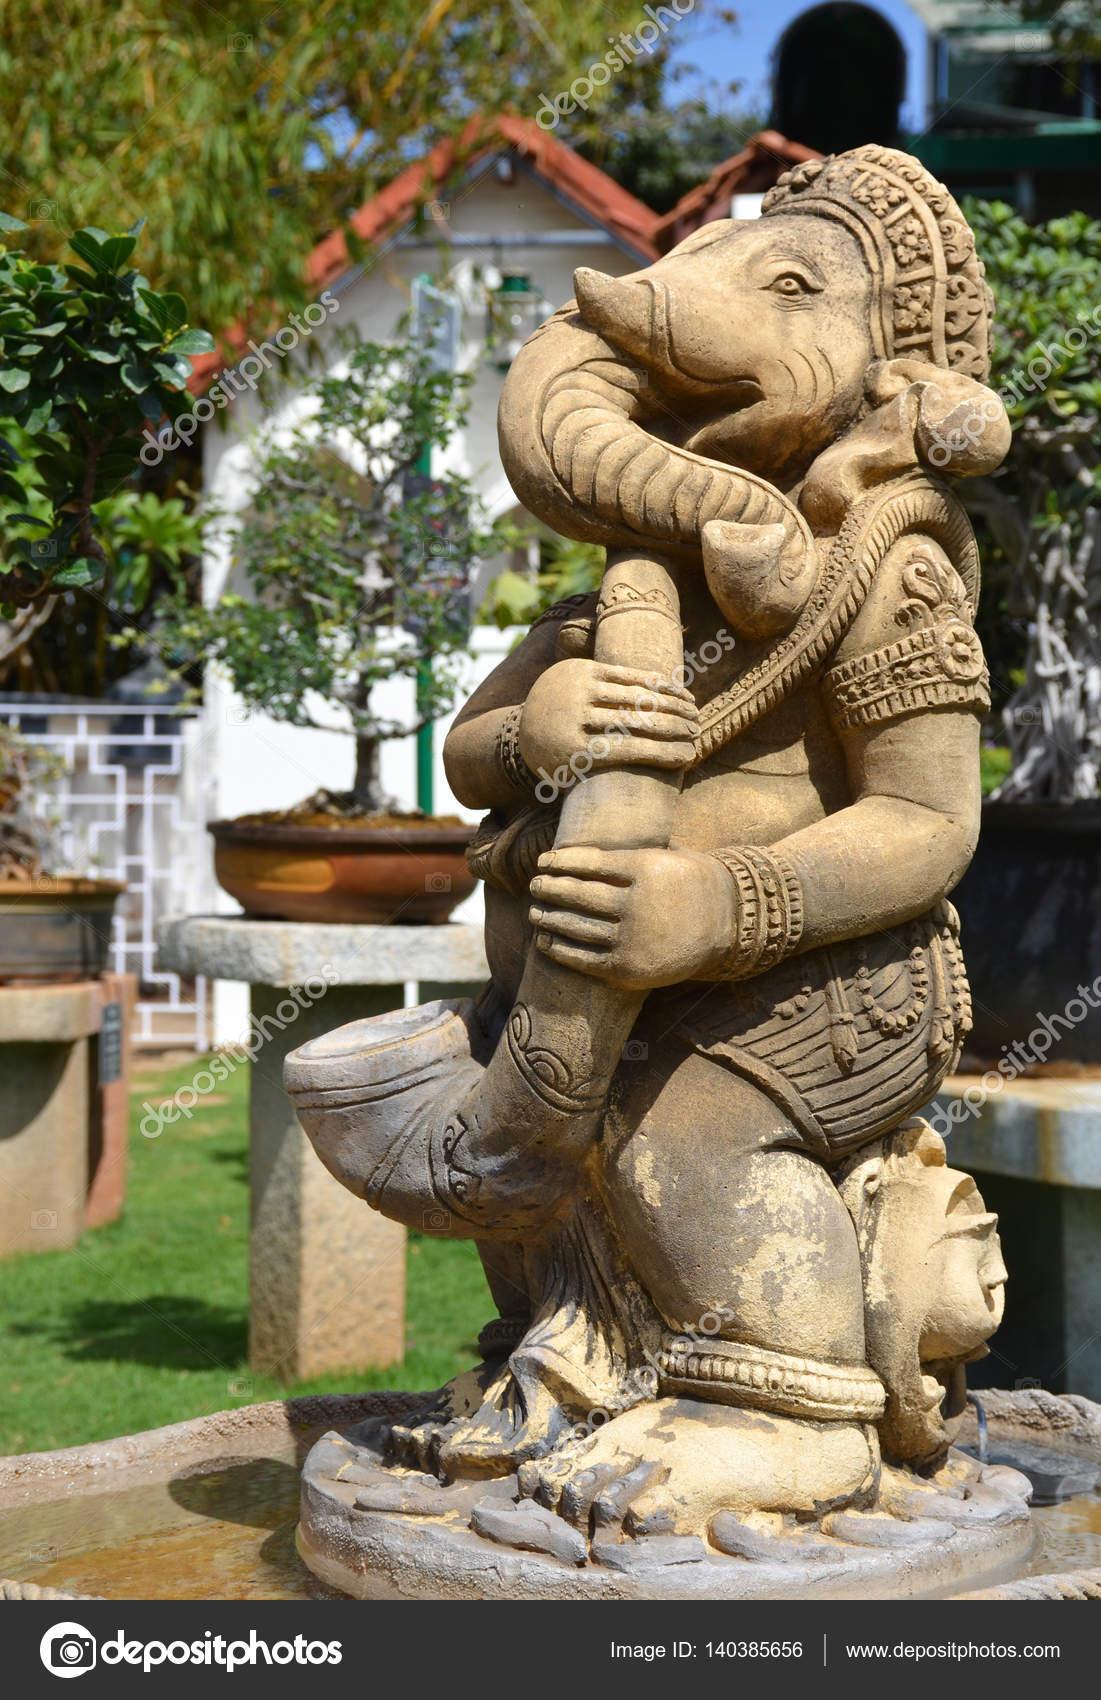 Asian garden statue Stock Photo arevhamb 140385656